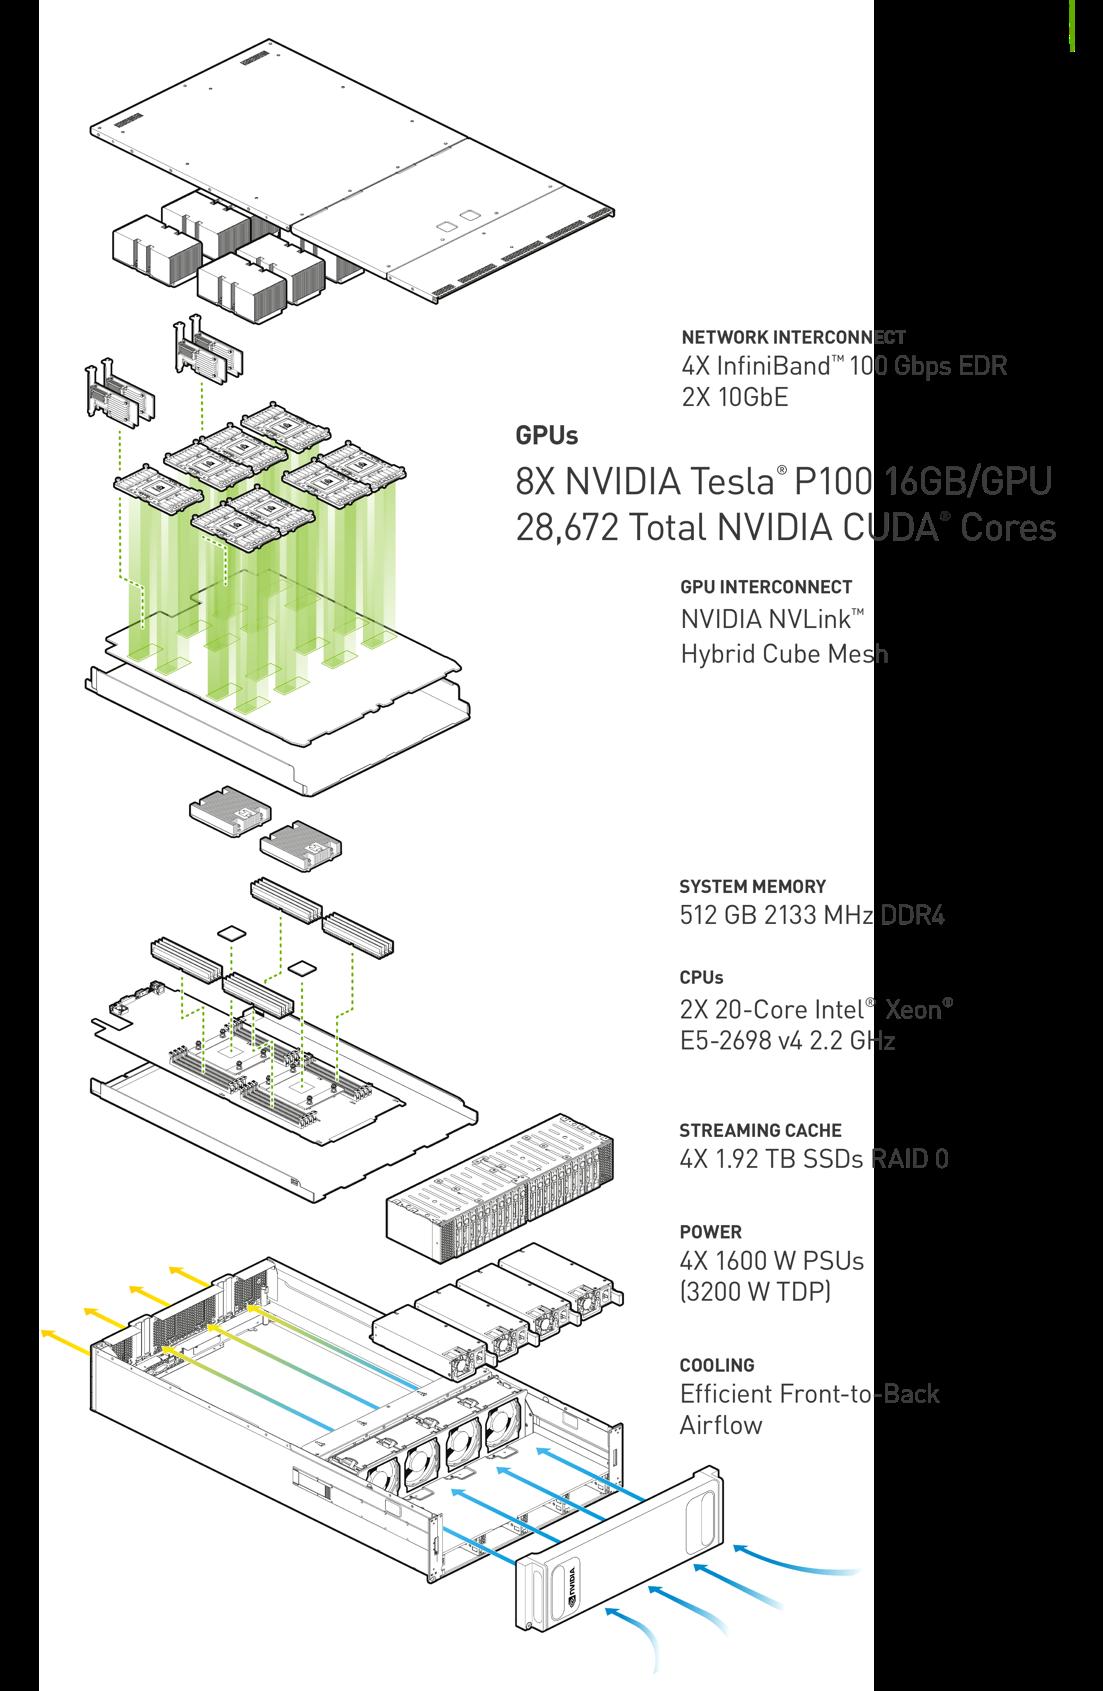 Figure 2: DGX-1 system components.